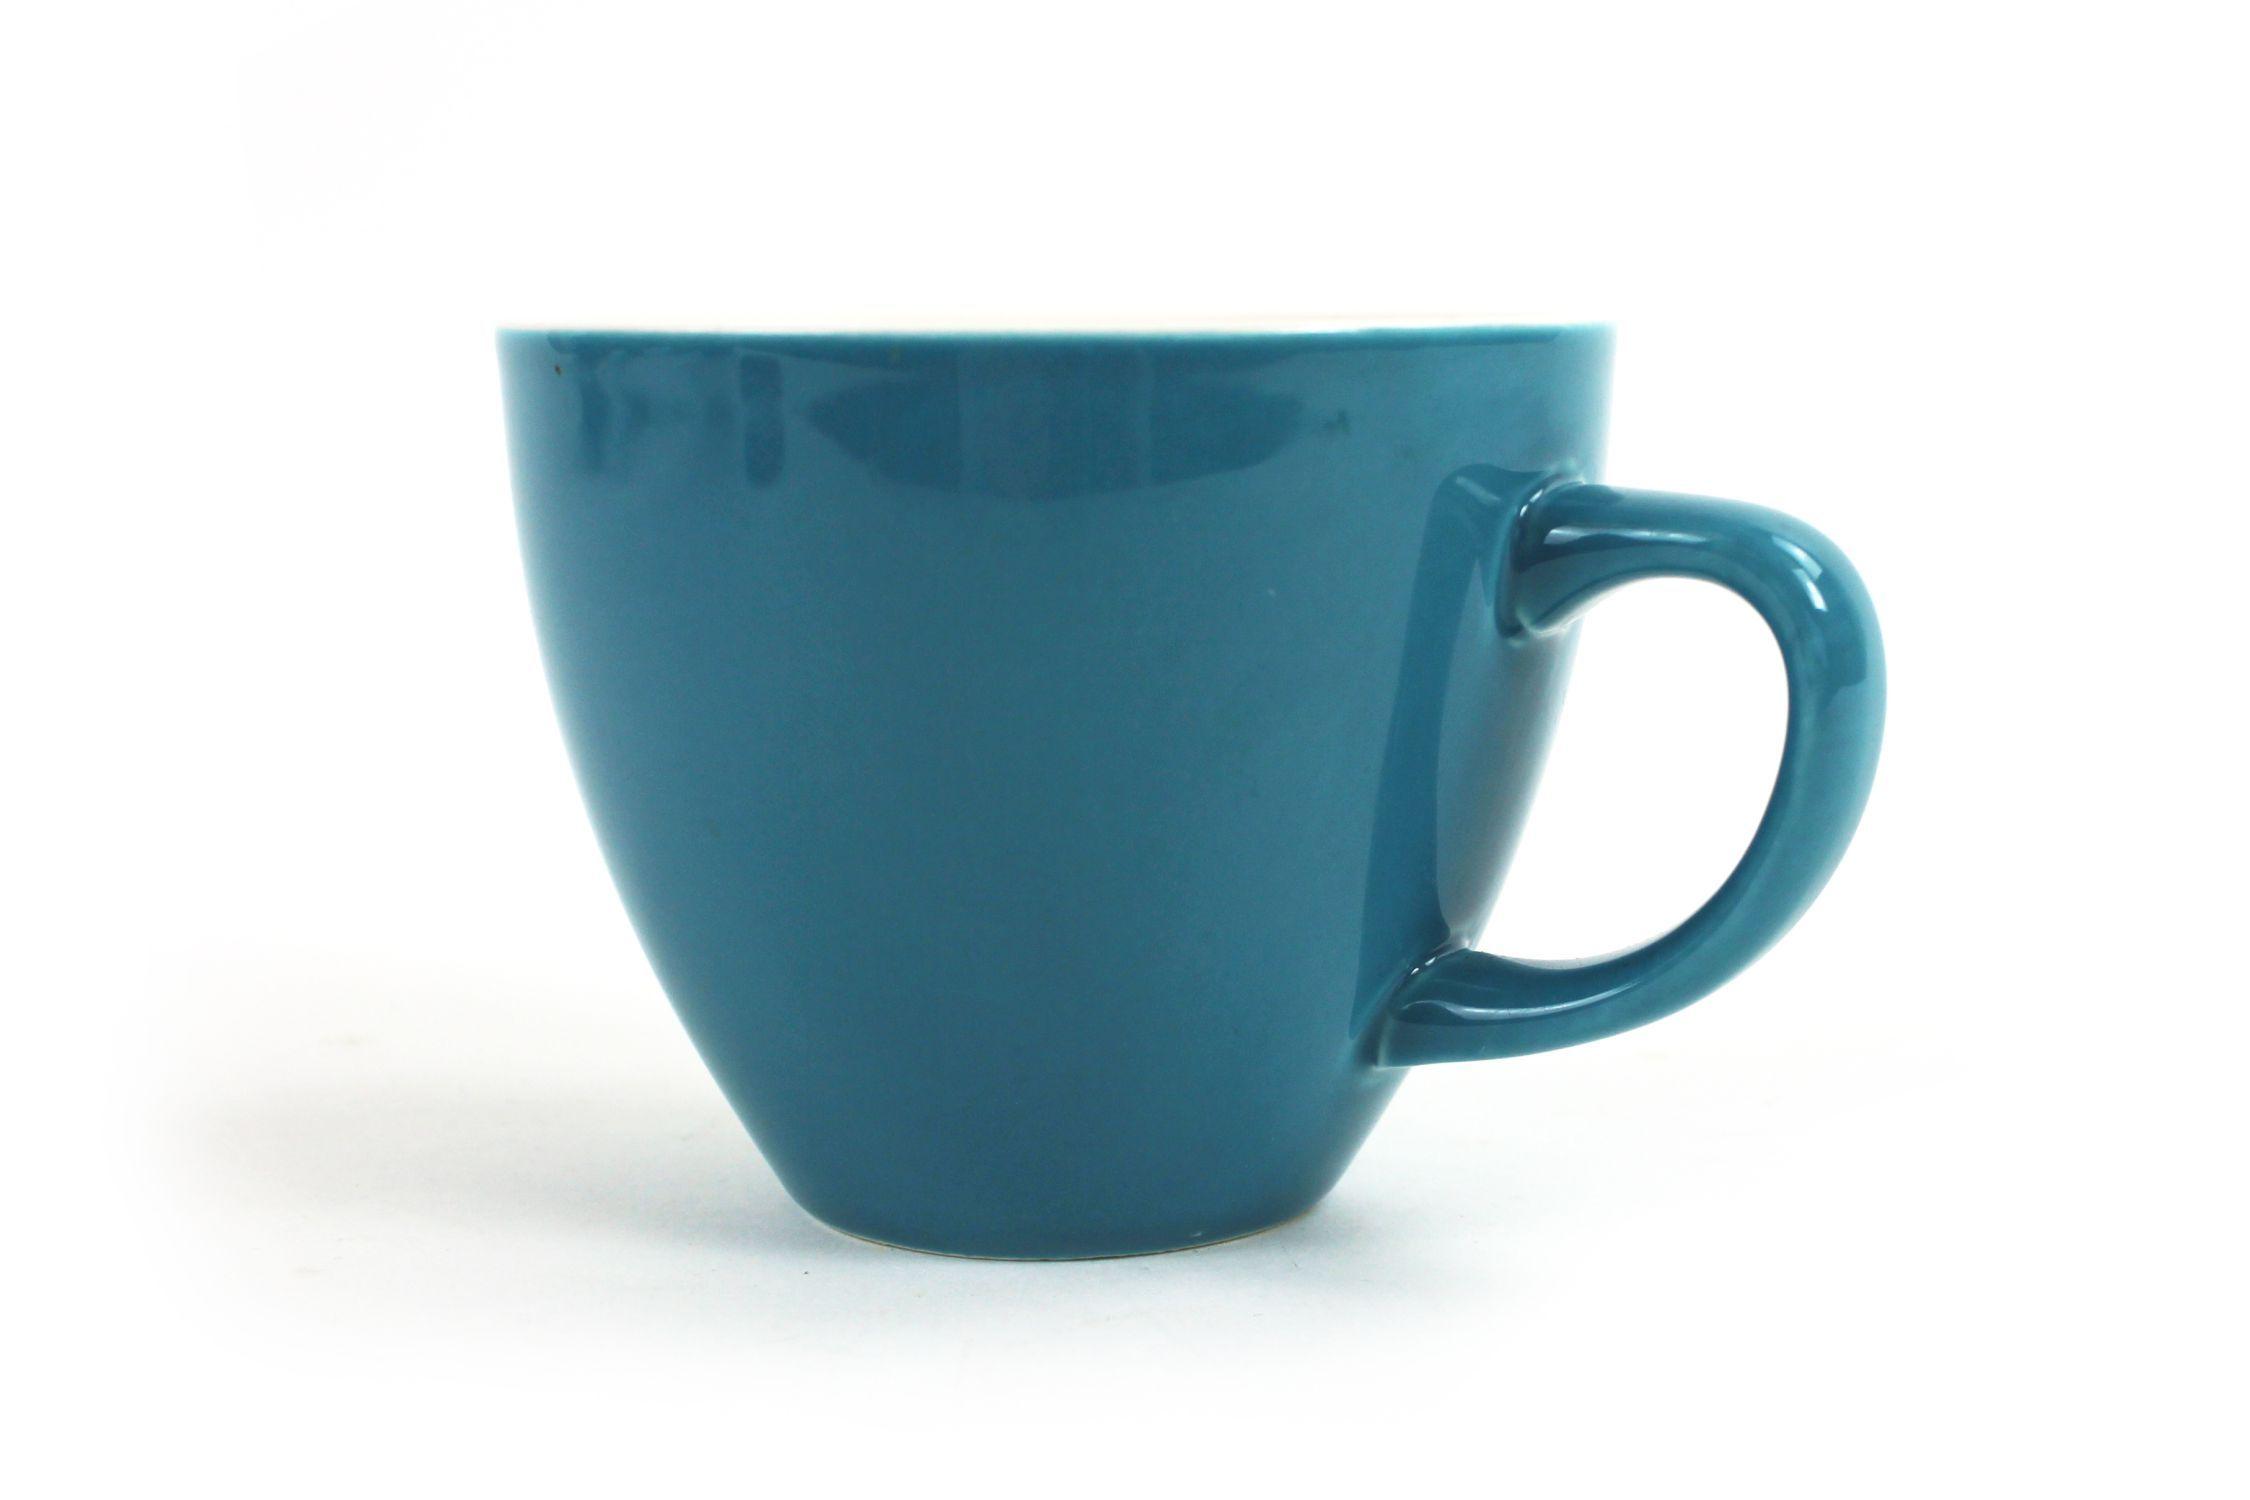 Пинкл (Pinkl) | Кружка с единорогом Magic Blue | Creature Cups Unicorn Magic Blue